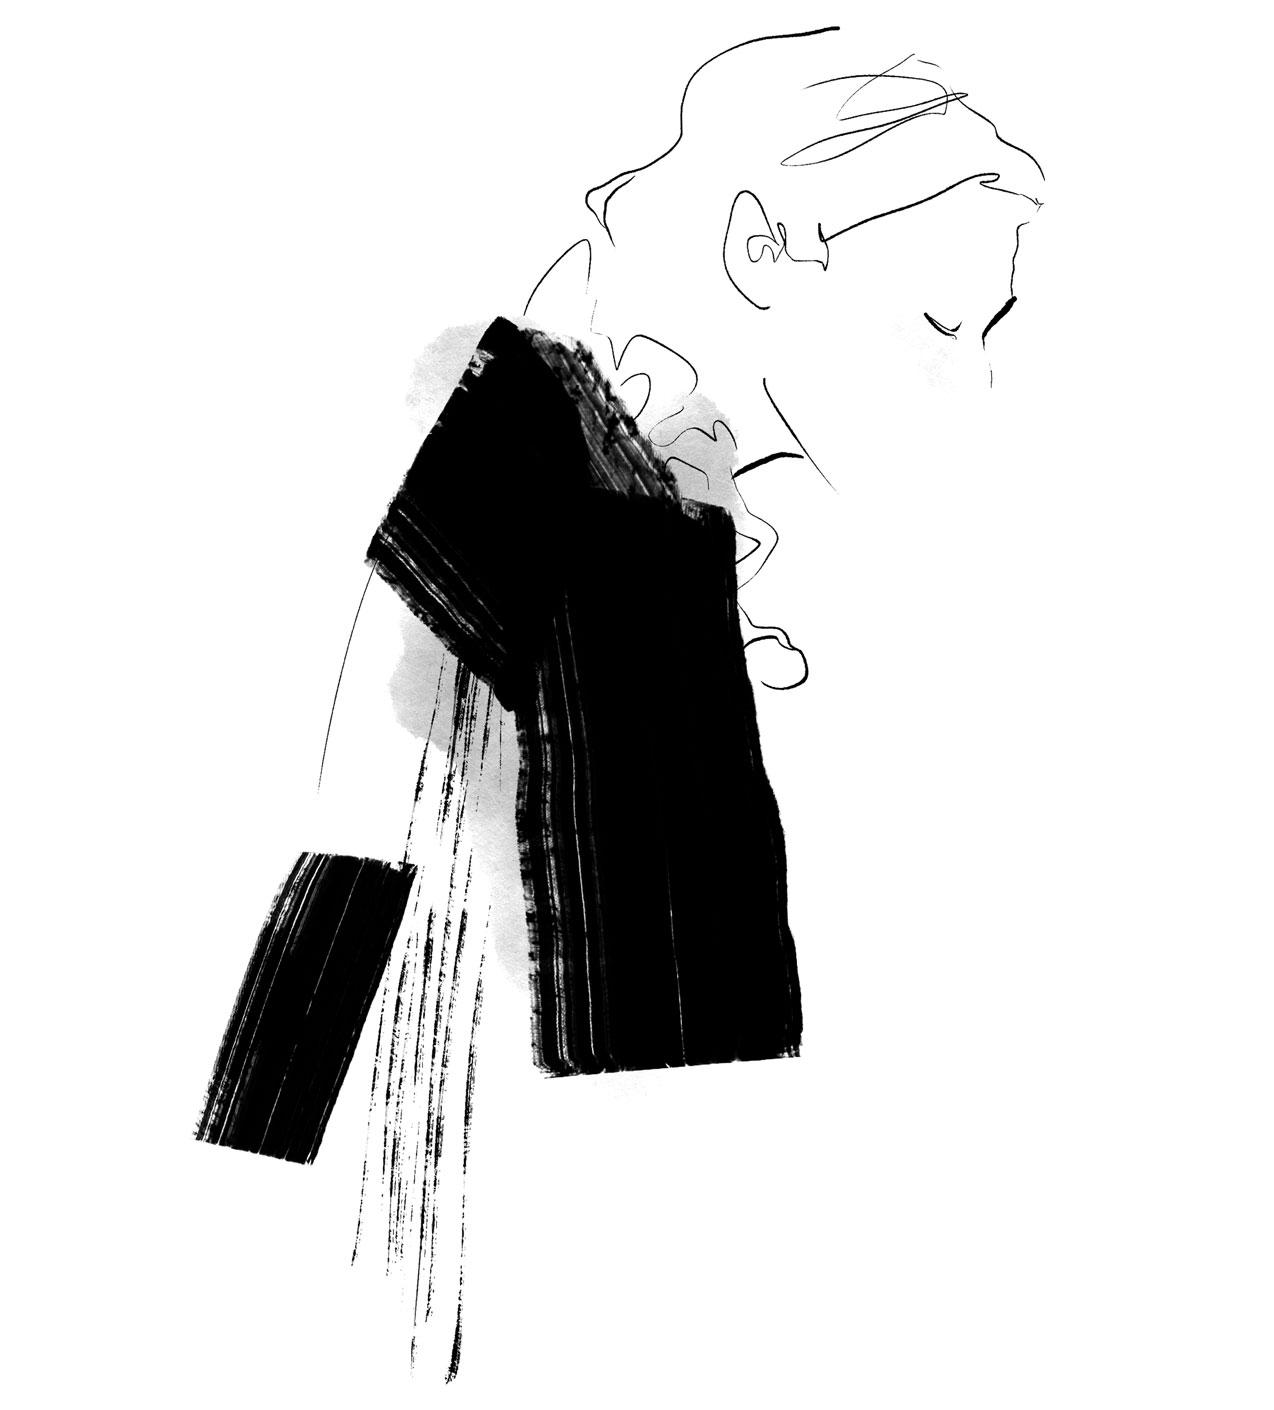 Portrait Illustration der Modeillustratorin Aurore de la Morinerie schwarz weiss tinte